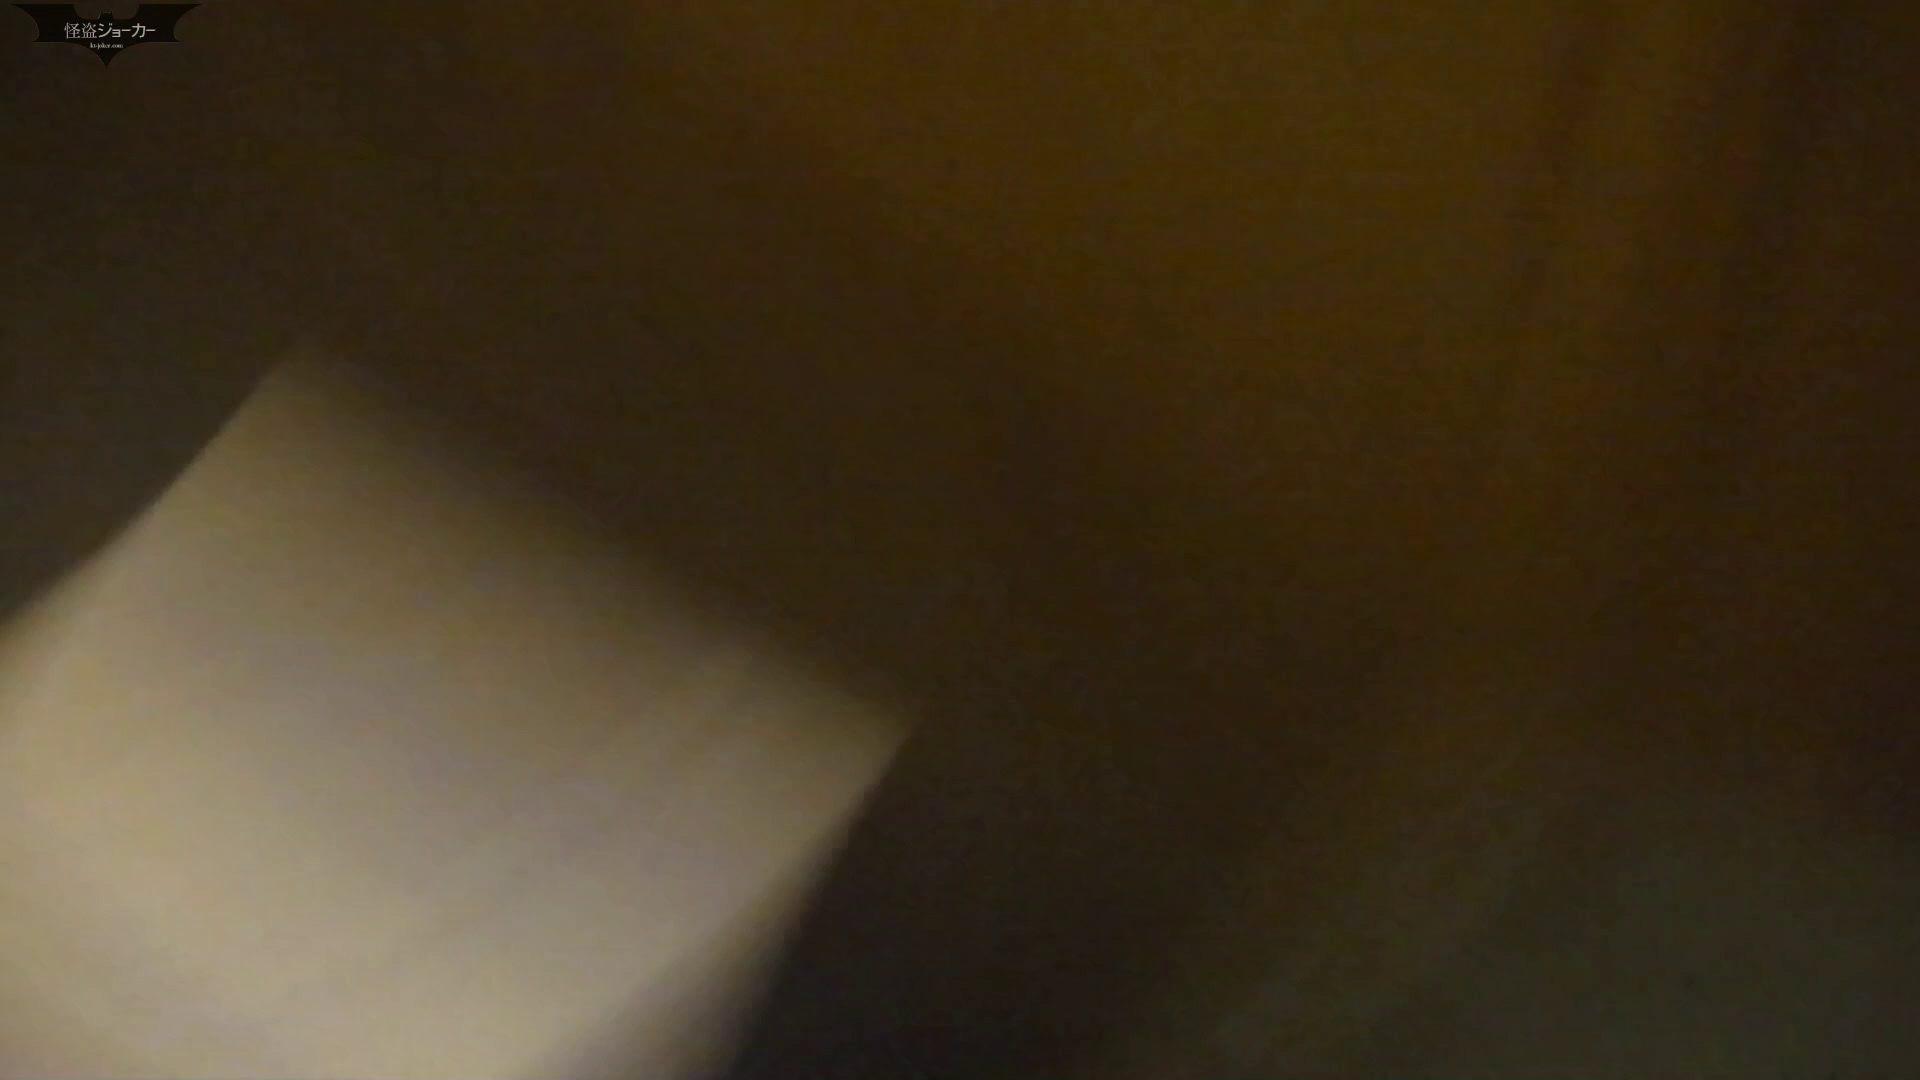 阿国ちゃんの和式洋式七変化 Vol.25 ん?突起物が・・・。 高画質  83枚 42